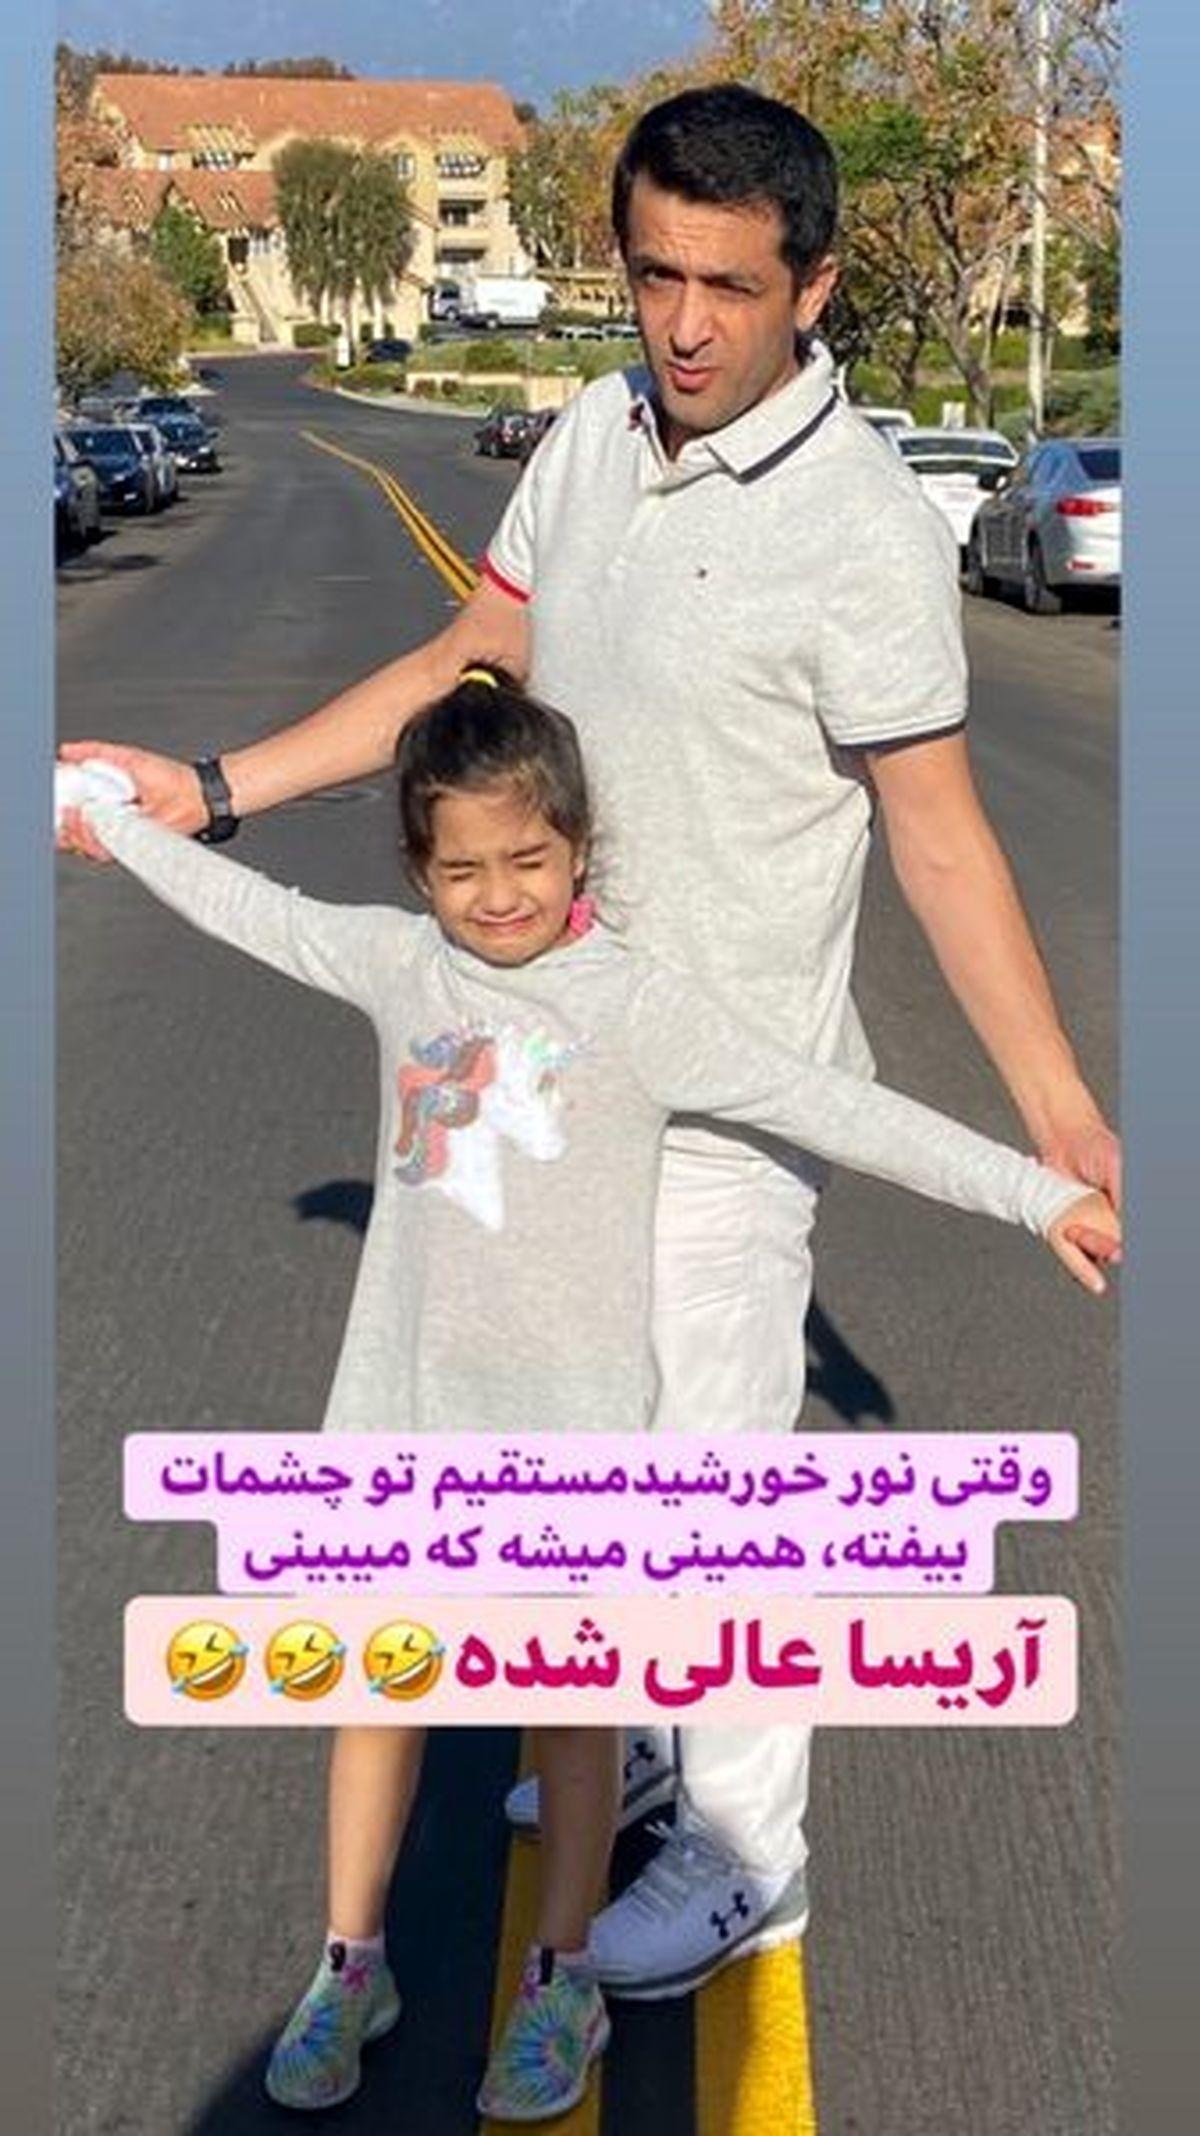 بازیگر معروف ایرانی و دخترش در آمریکا +عکس